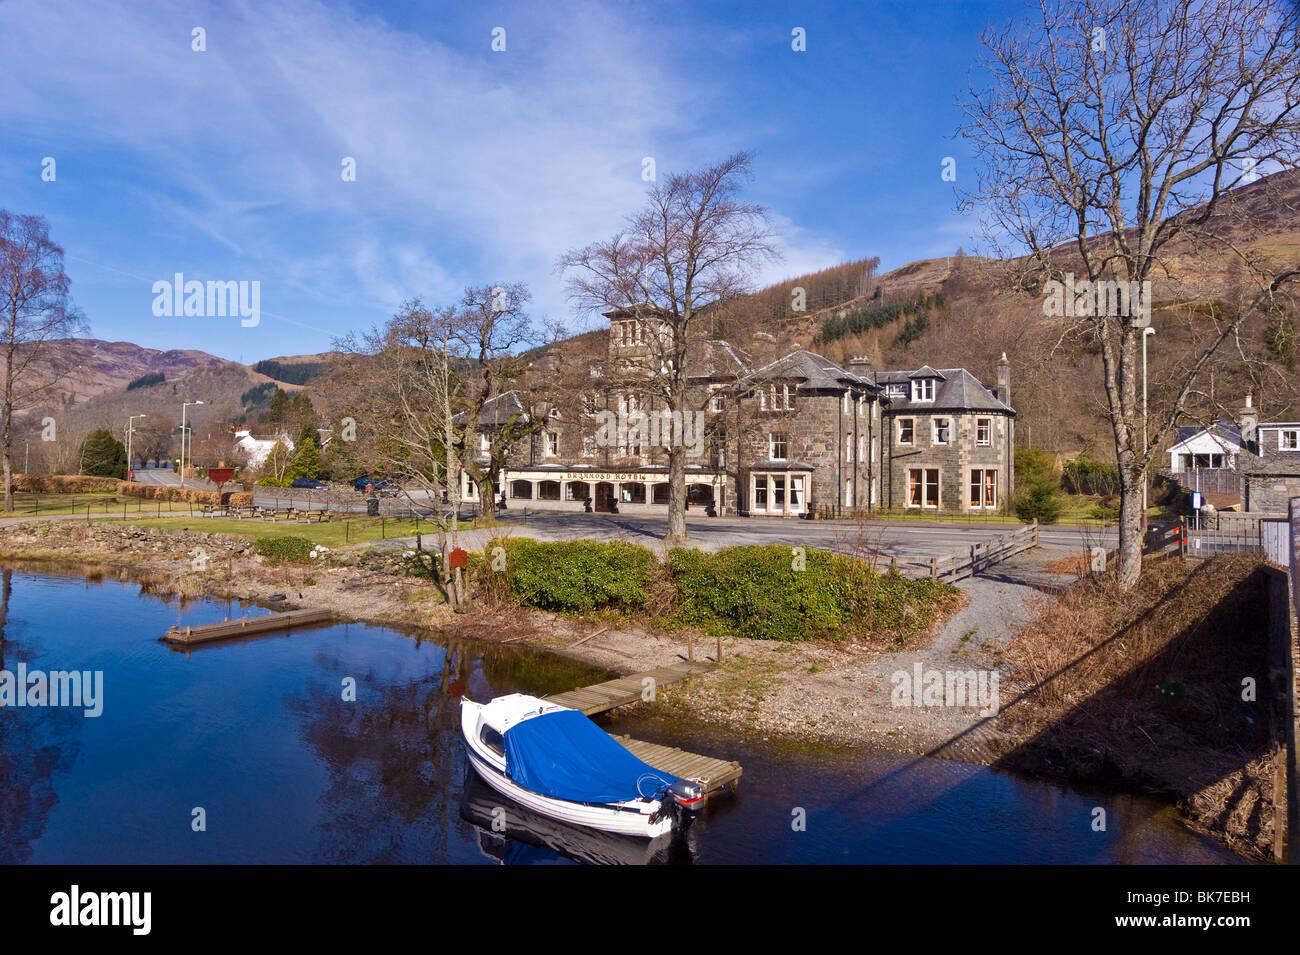 Die Drummond-Hotel in St. Fillans auf dem Ufer von Loch Earn in Schottland Stockbild